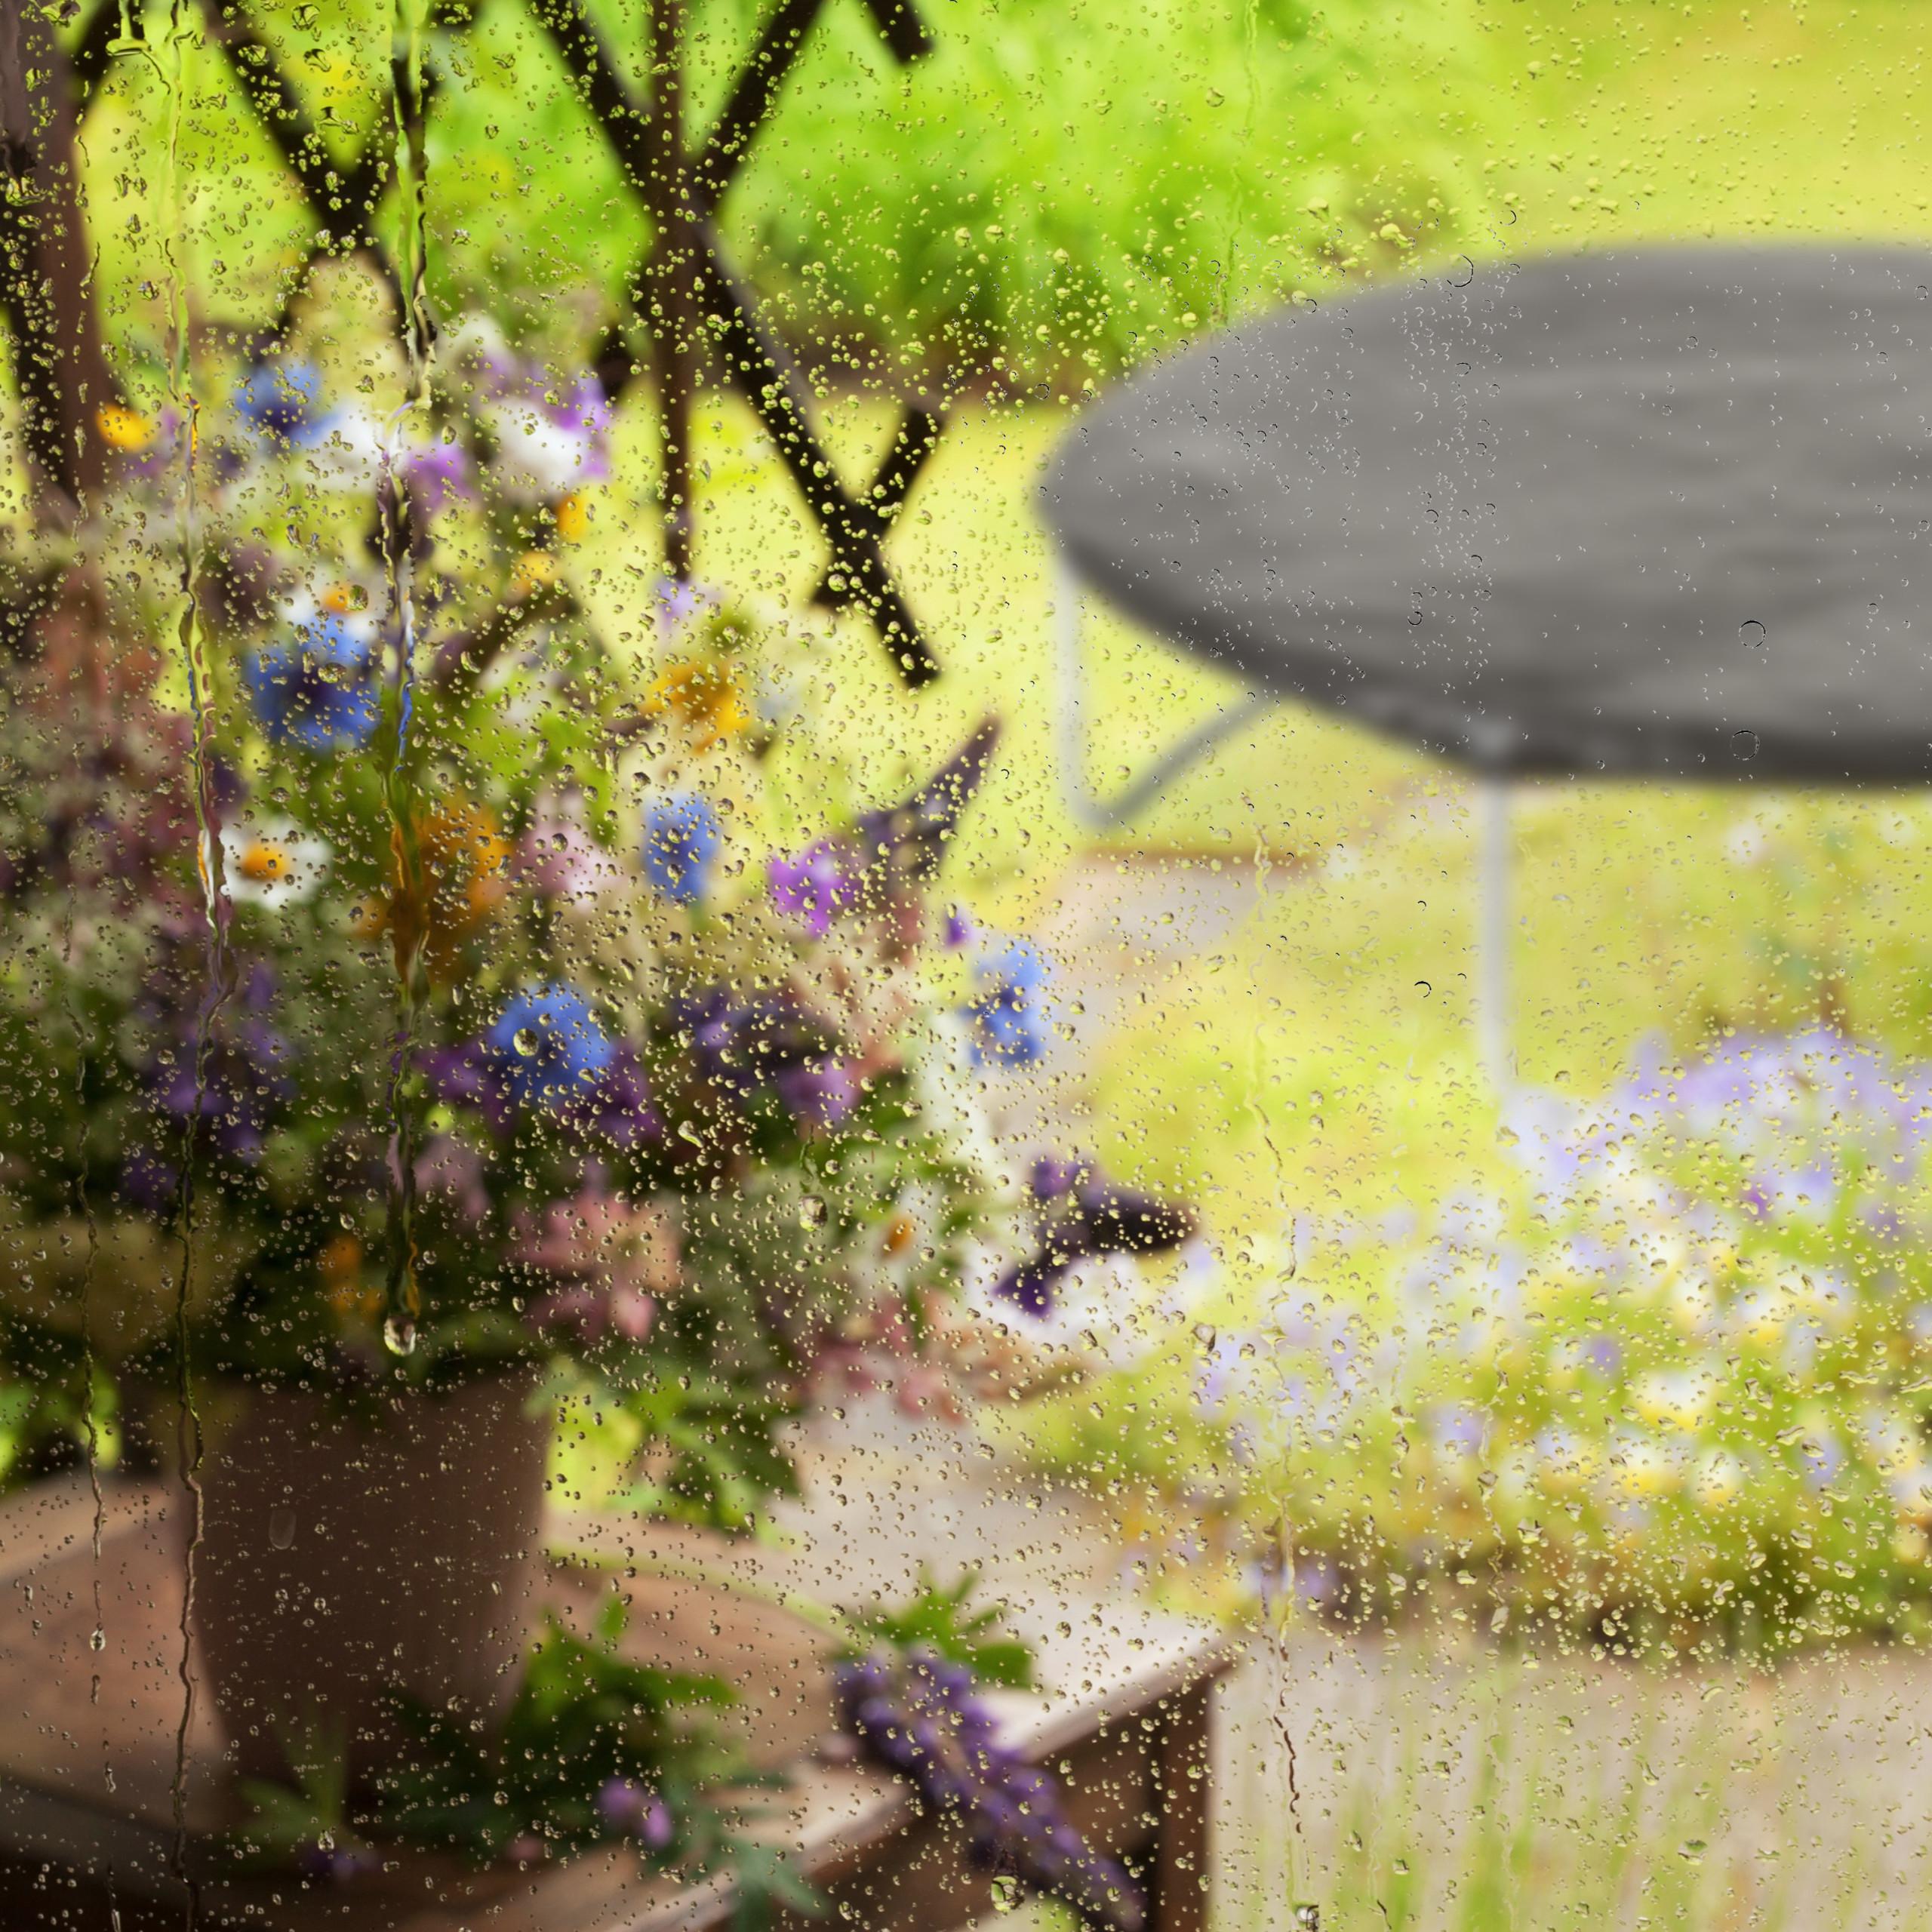 Housse-de-Protection-pour-Trampoline-Bache-pluie-vent-jardin-intemperies miniature 11